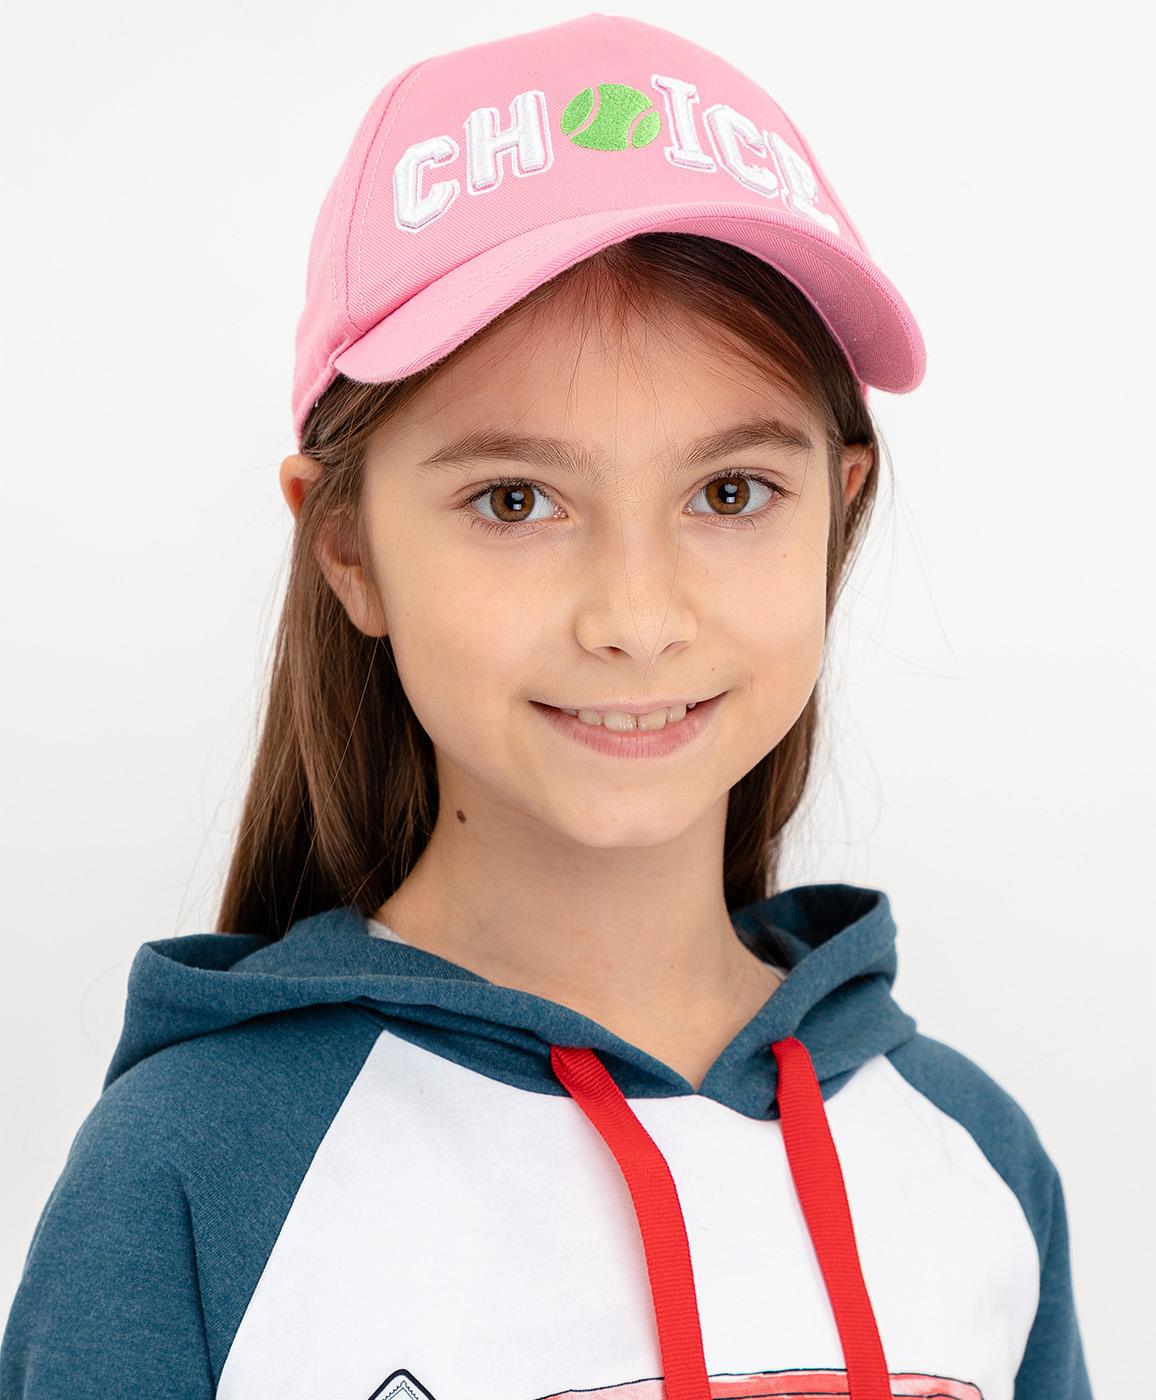 Купить 120BBGF71011200, Розовая бейсболка Button Blue, розовый, 50-52, Женский, ВЕСНА/ЛЕТО 2020 (shop: GulliverMarket Gulliver Market)